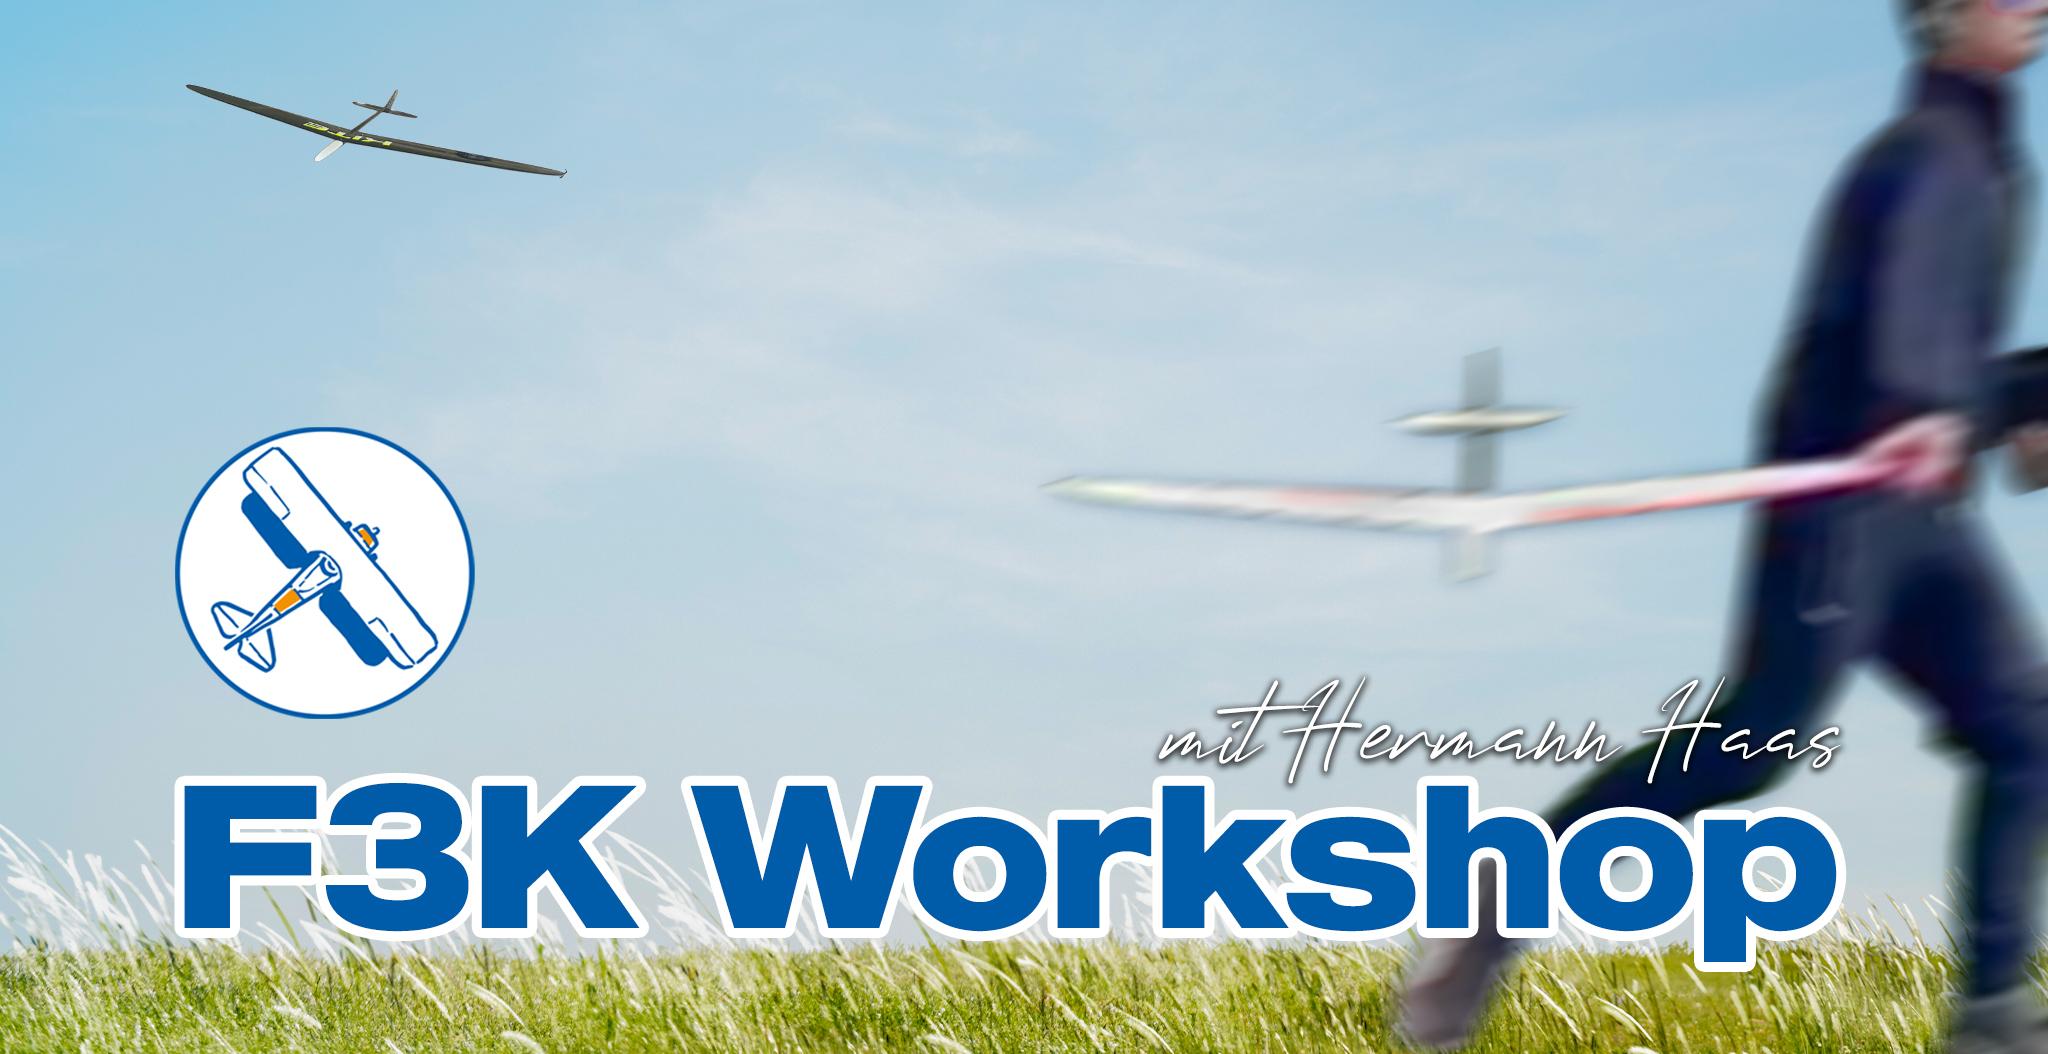 F3K Workshop